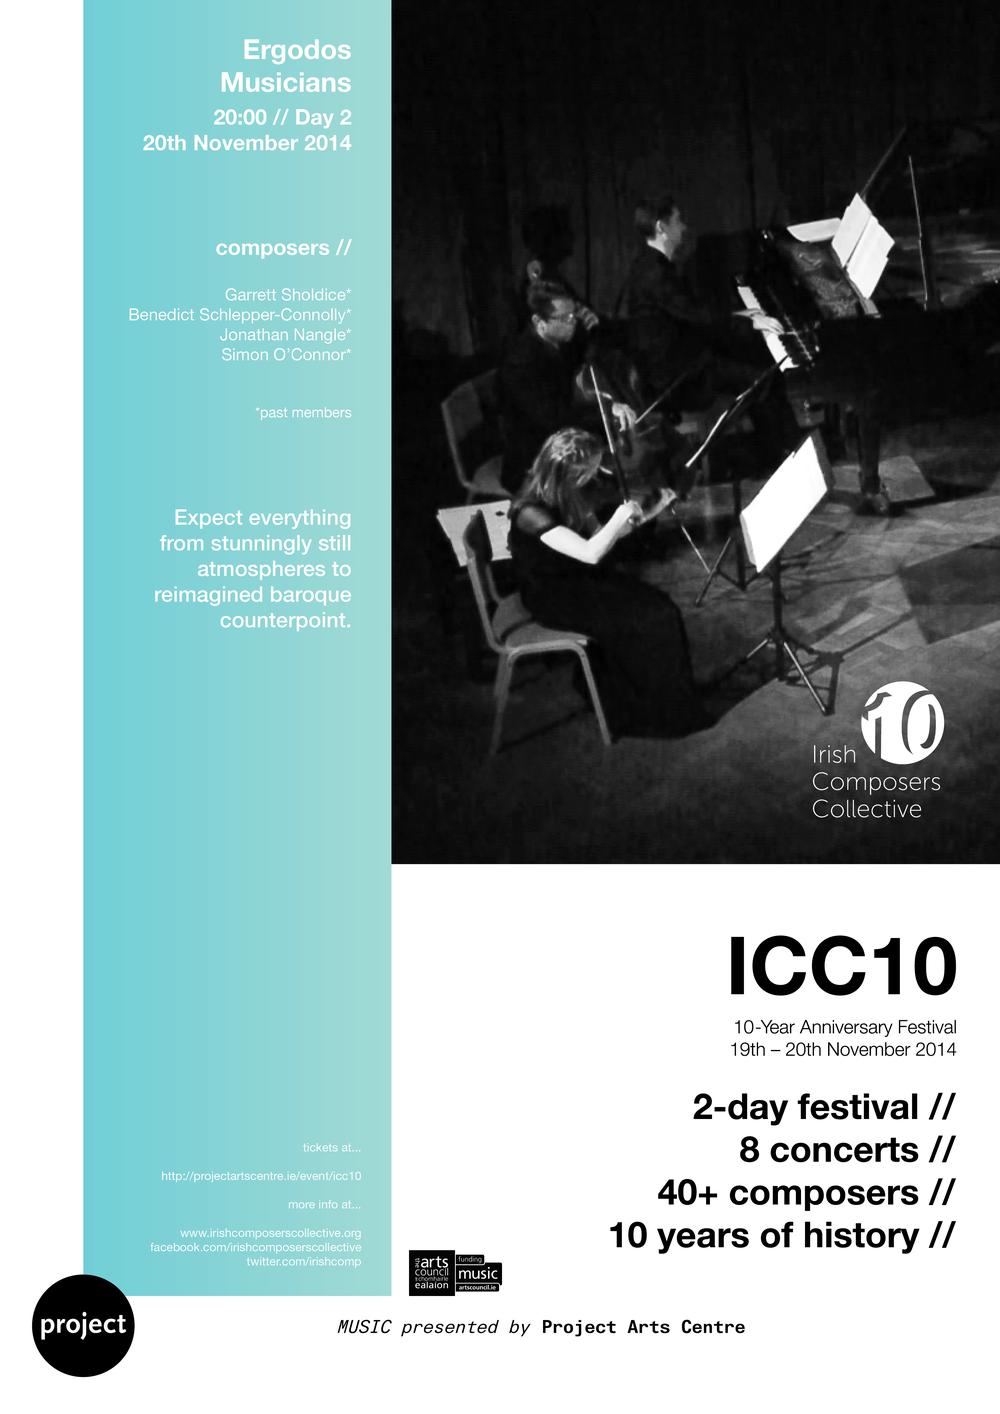 icc10 a3 poster_Ergodos.png